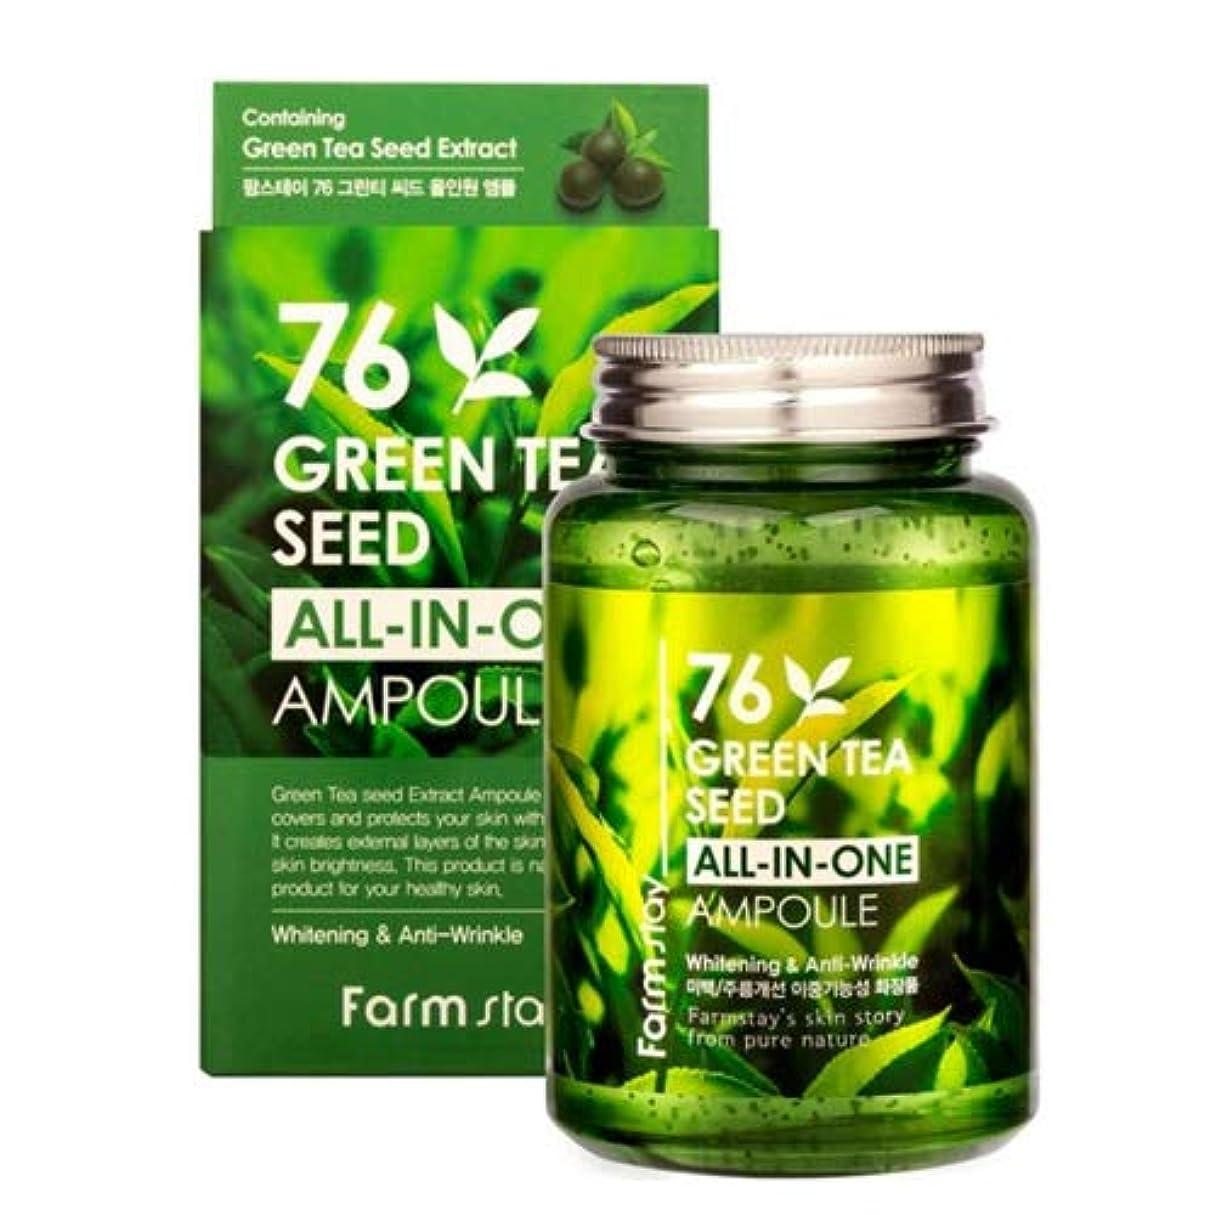 引退したペチュランスレプリカFarm stay 76 Green Tea All In One Ampoule 76緑茶オールインワンアンプル250ml[並行輸入品]